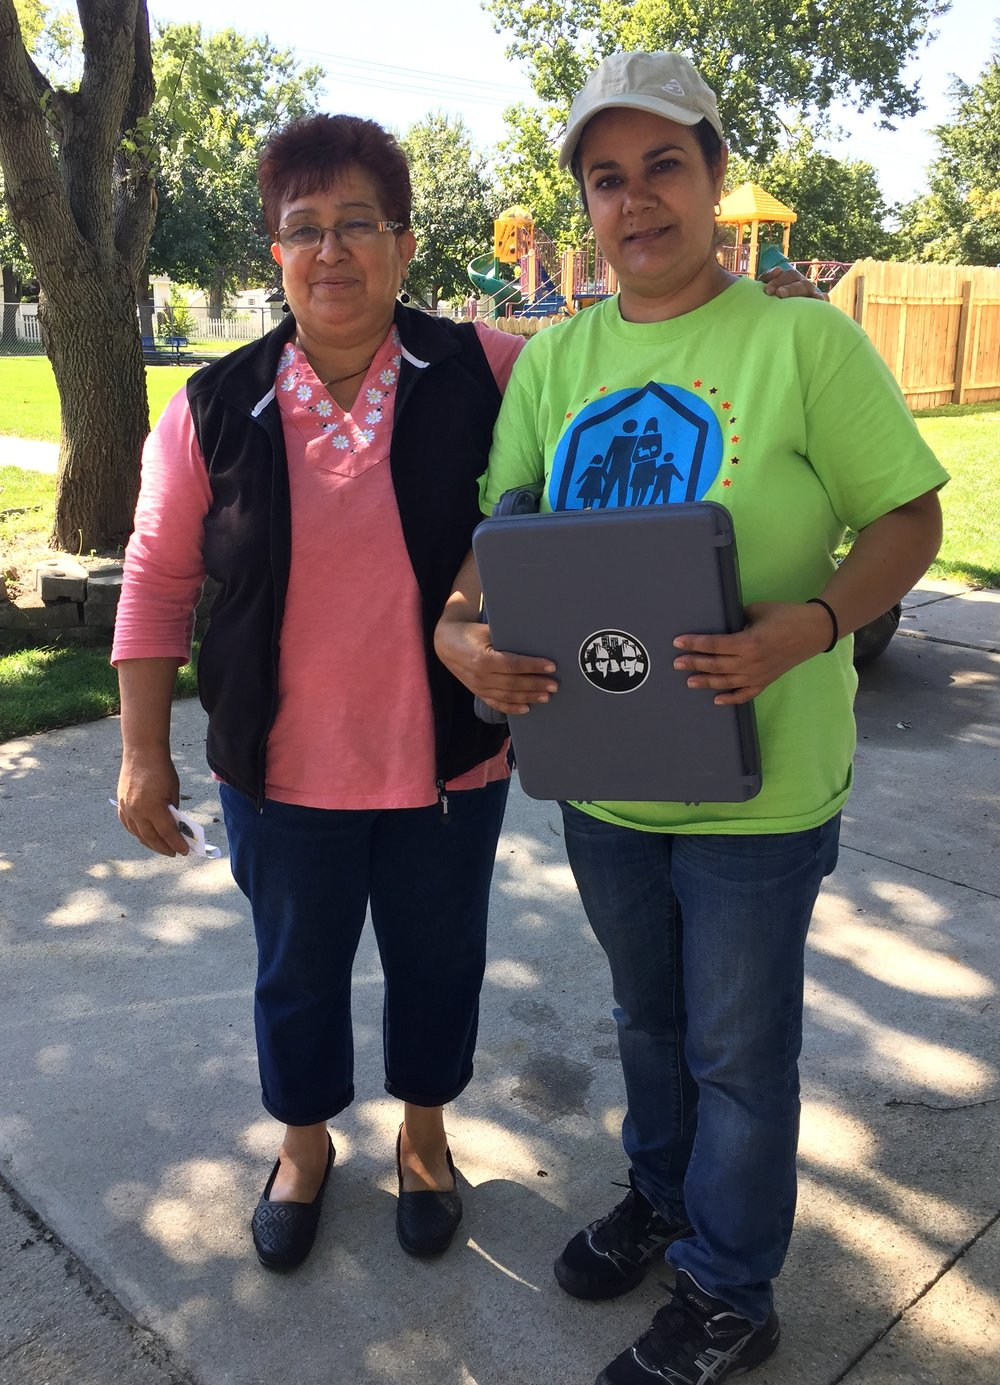 Rosalina, que vive en Schuyler, a la izquierda, con Jaidy Rosas, del Centro Laboral. Rosalina cree que votar es importante porque influye en las decisiones que afectan a toda la comunidad. Este año está particularmente interesada en el tema de la expansión de Medicaid, que cree que beneficiará a muchos.